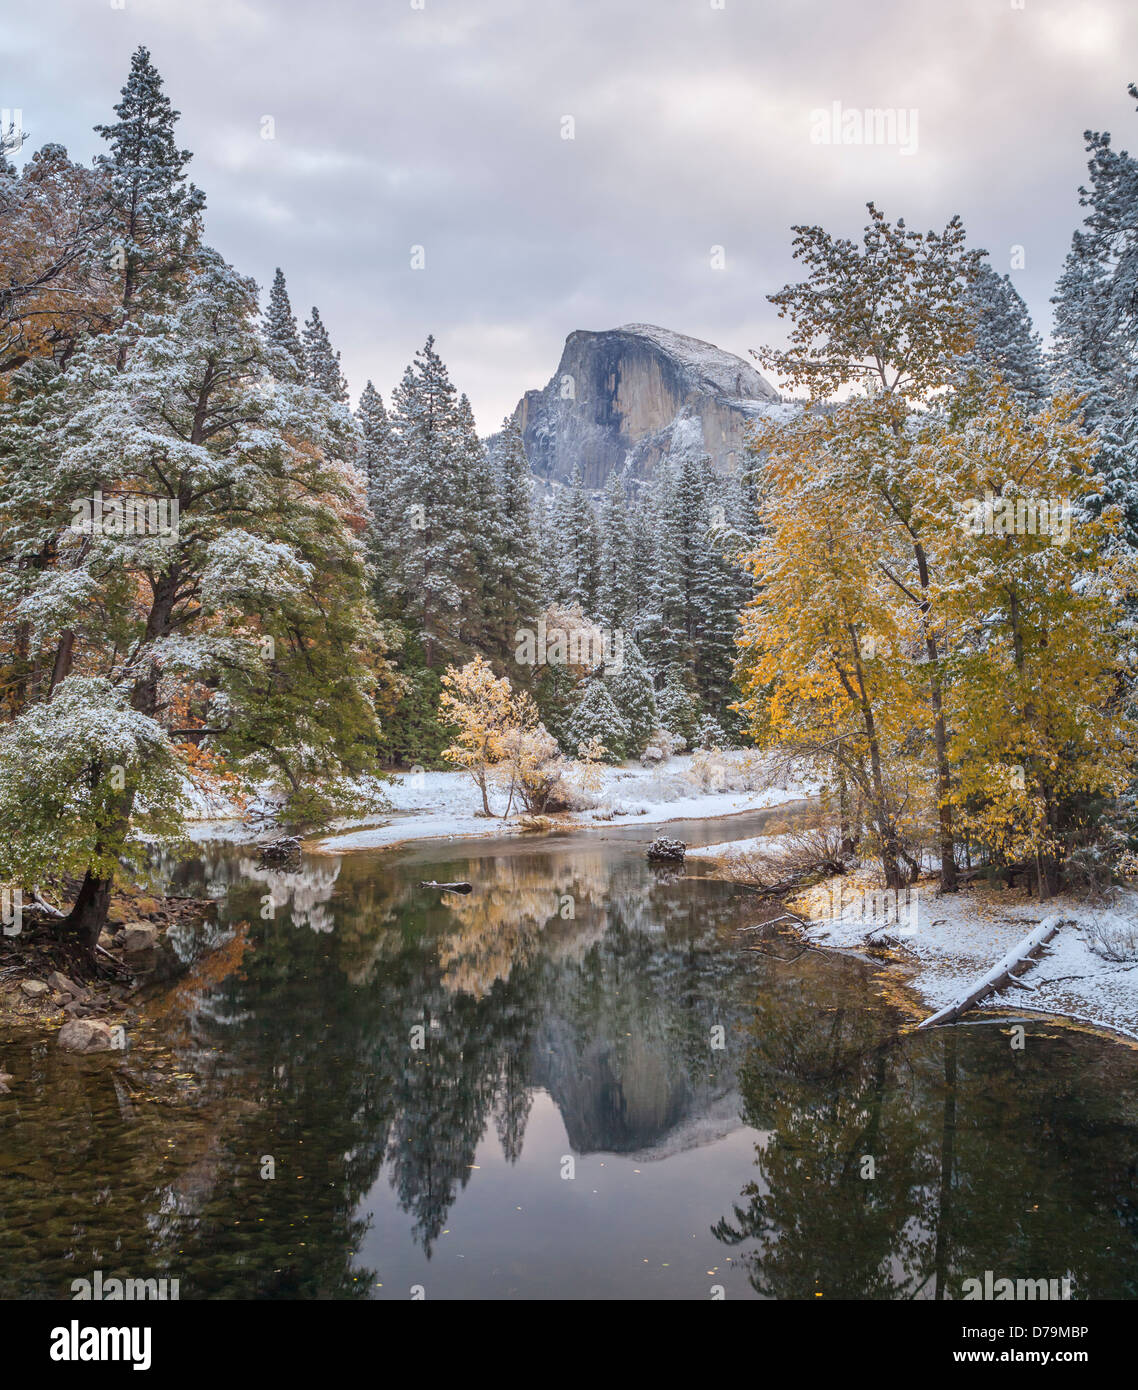 Parco Nazionale di Yosemite in California: Mezza Cupola riflettendo sul fiume Merced con neve fresca lungo le rive Immagini Stock